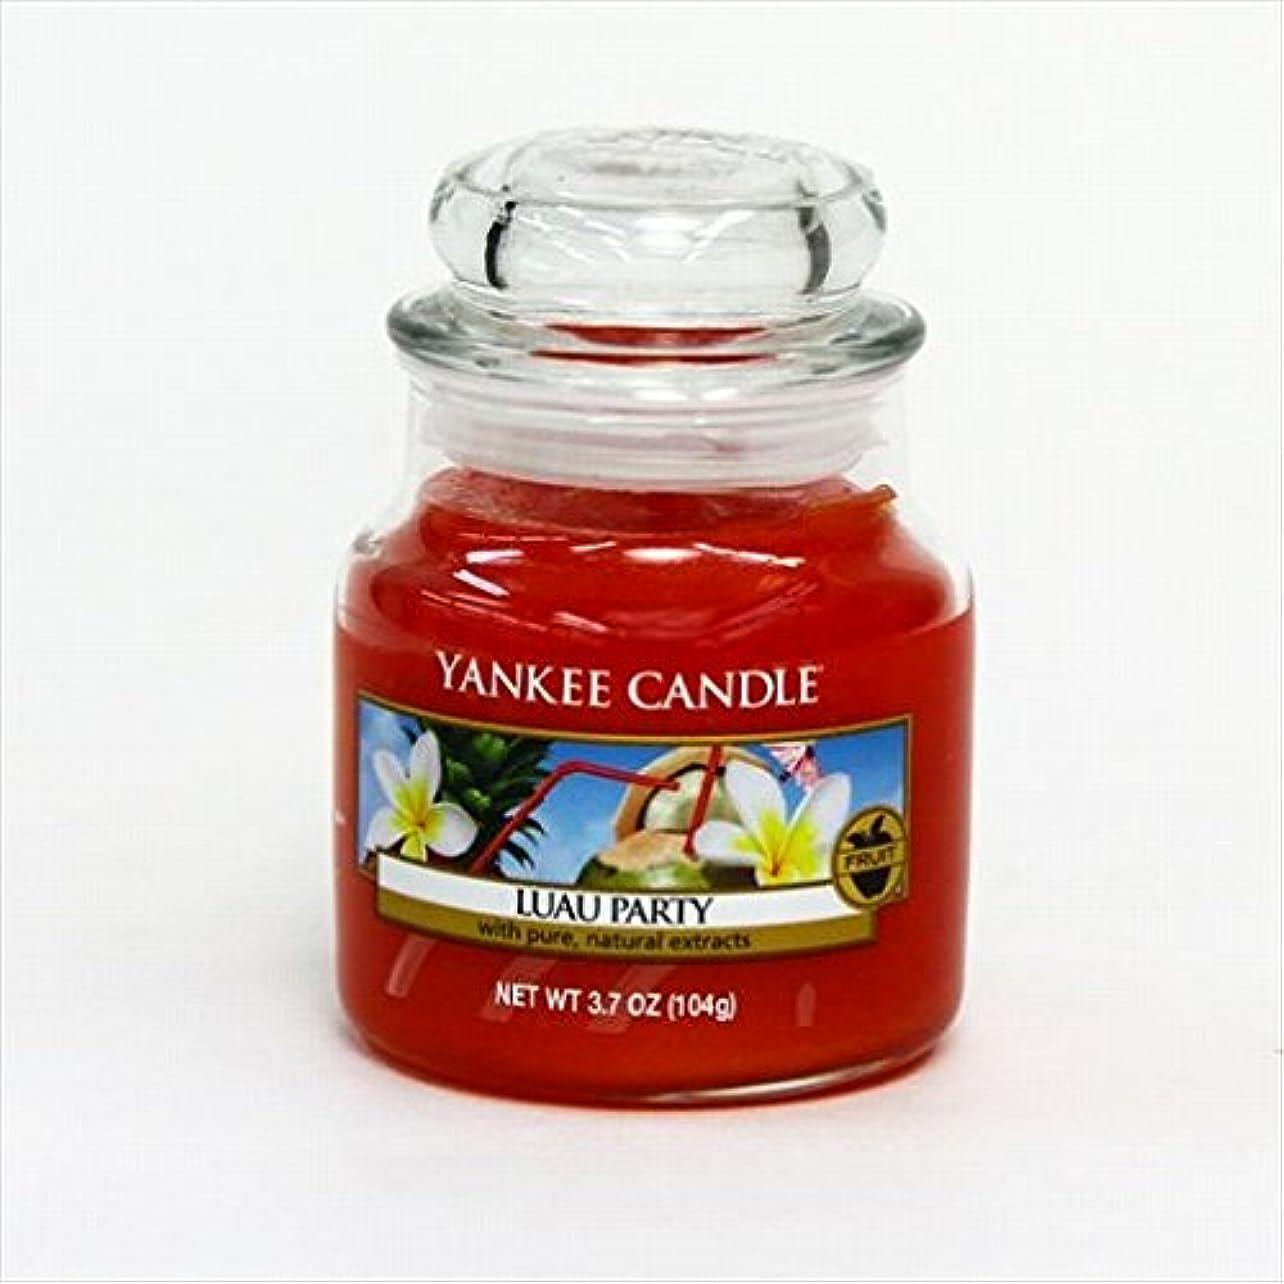 エキスピッチ立場カメヤマキャンドル(kameyama candle) YANKEE CANDLE ジャーS 「 ルーアウパーティ 」